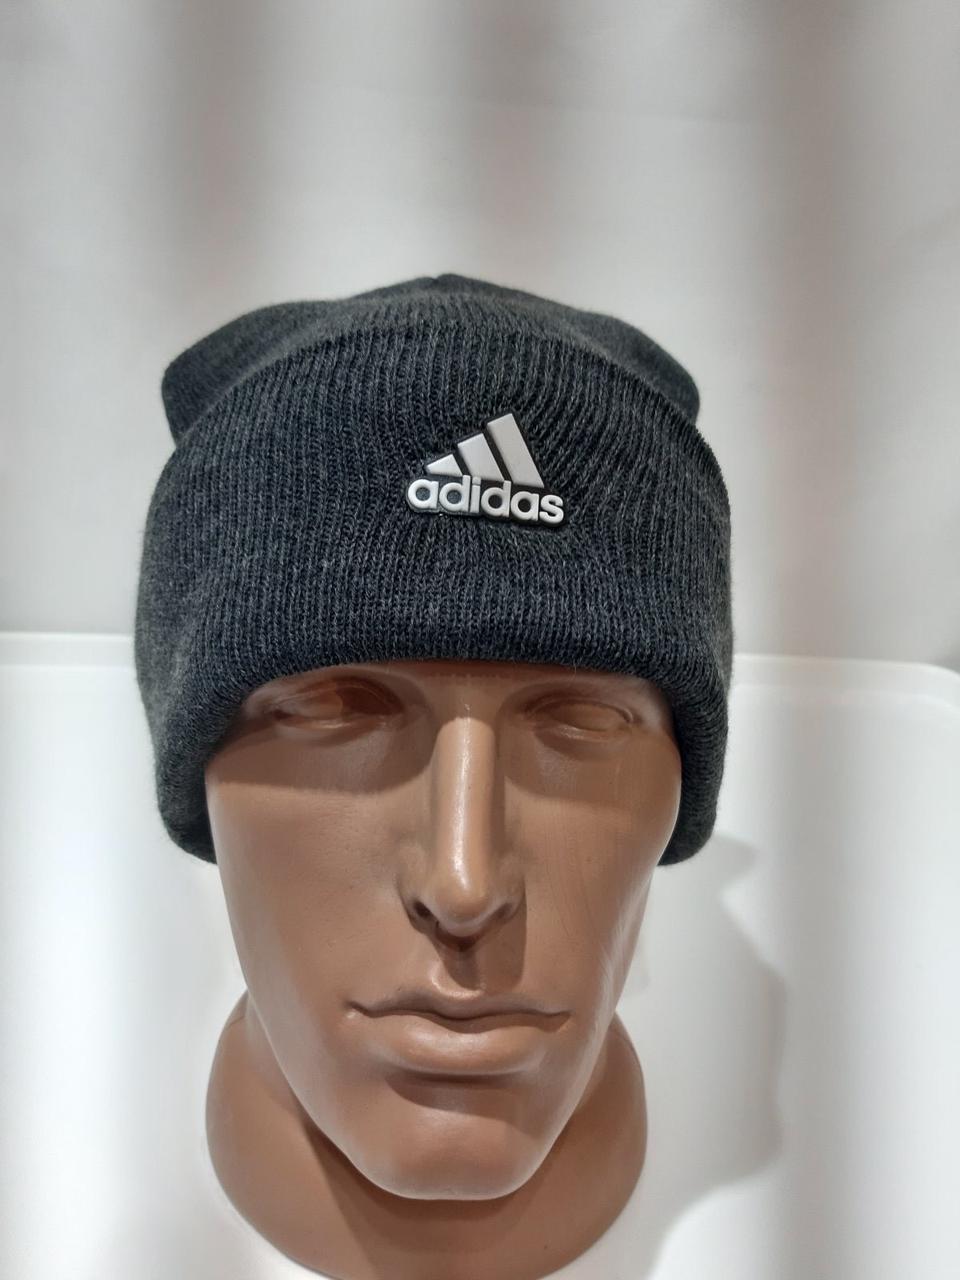 Теплая мужская зимняя шапка темно-серая шерстяная с отворотом отличного качества